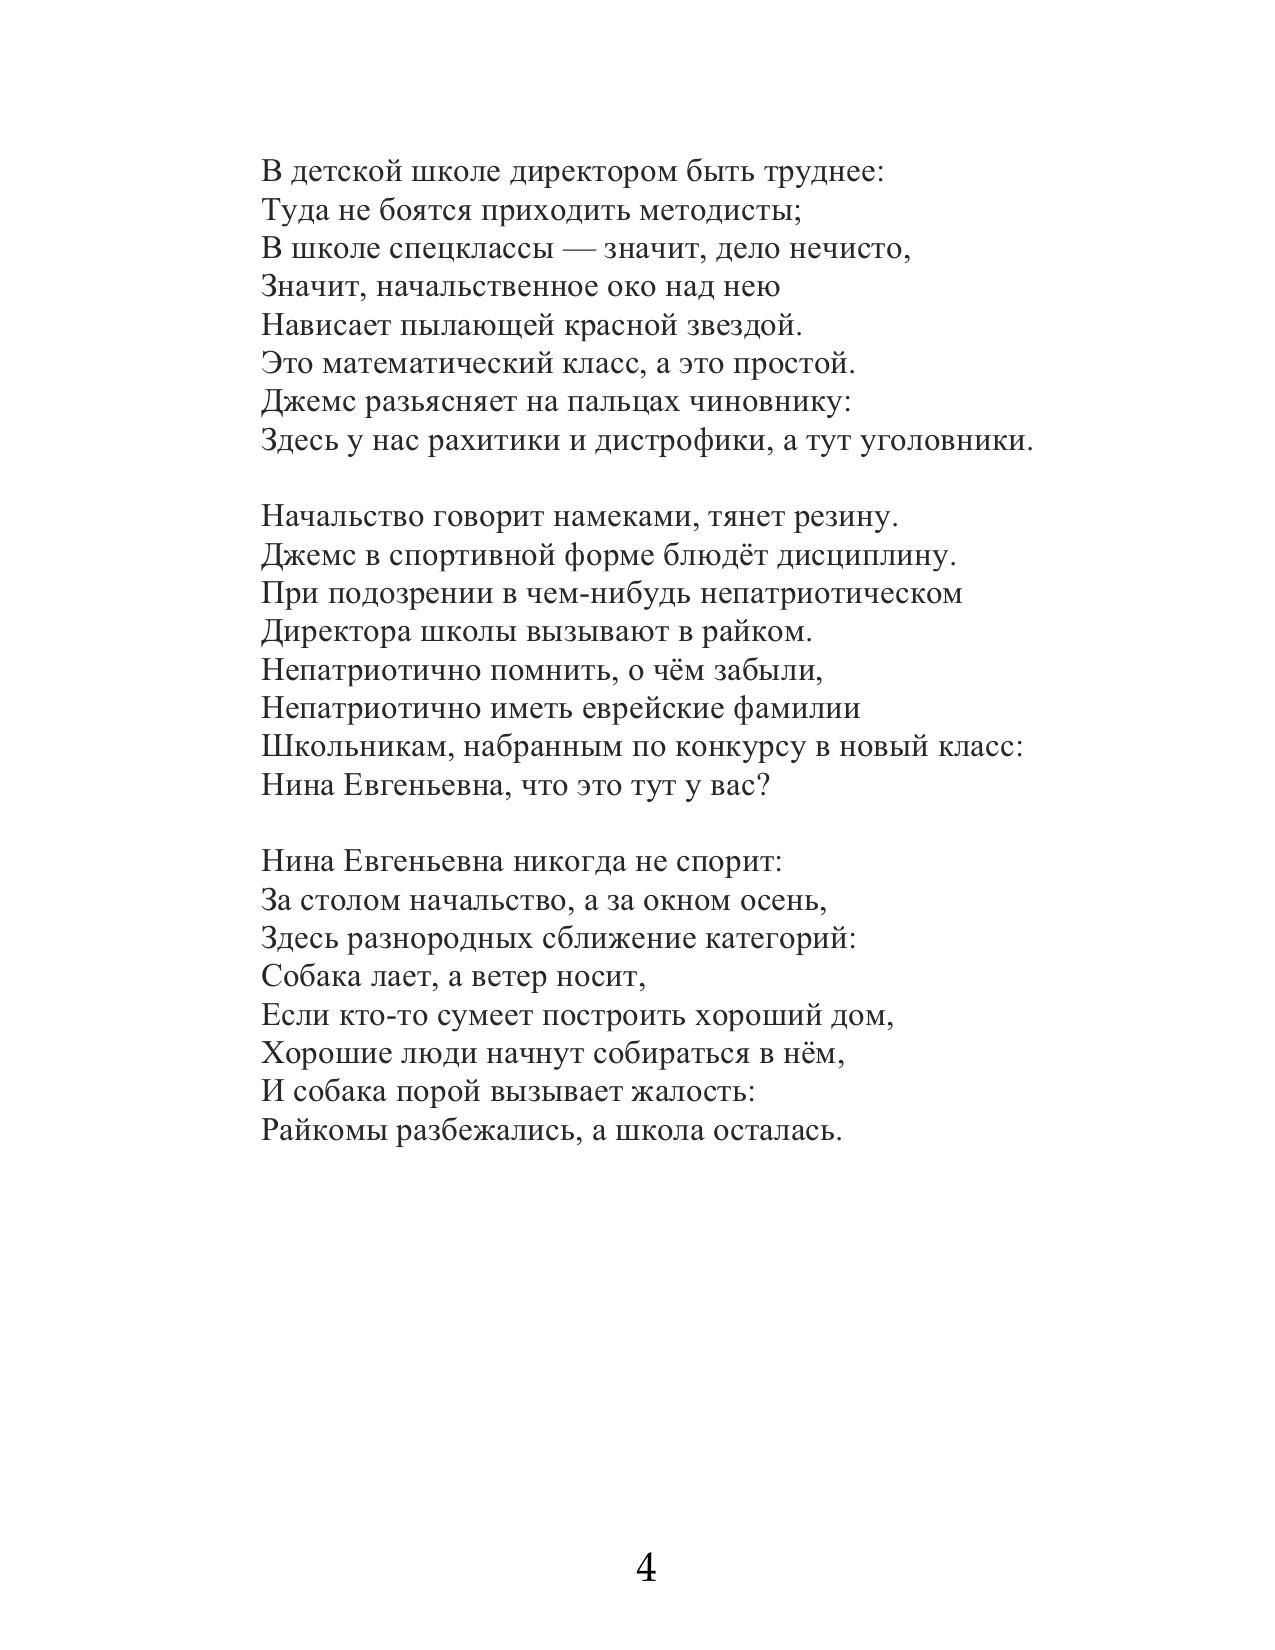 yulia4